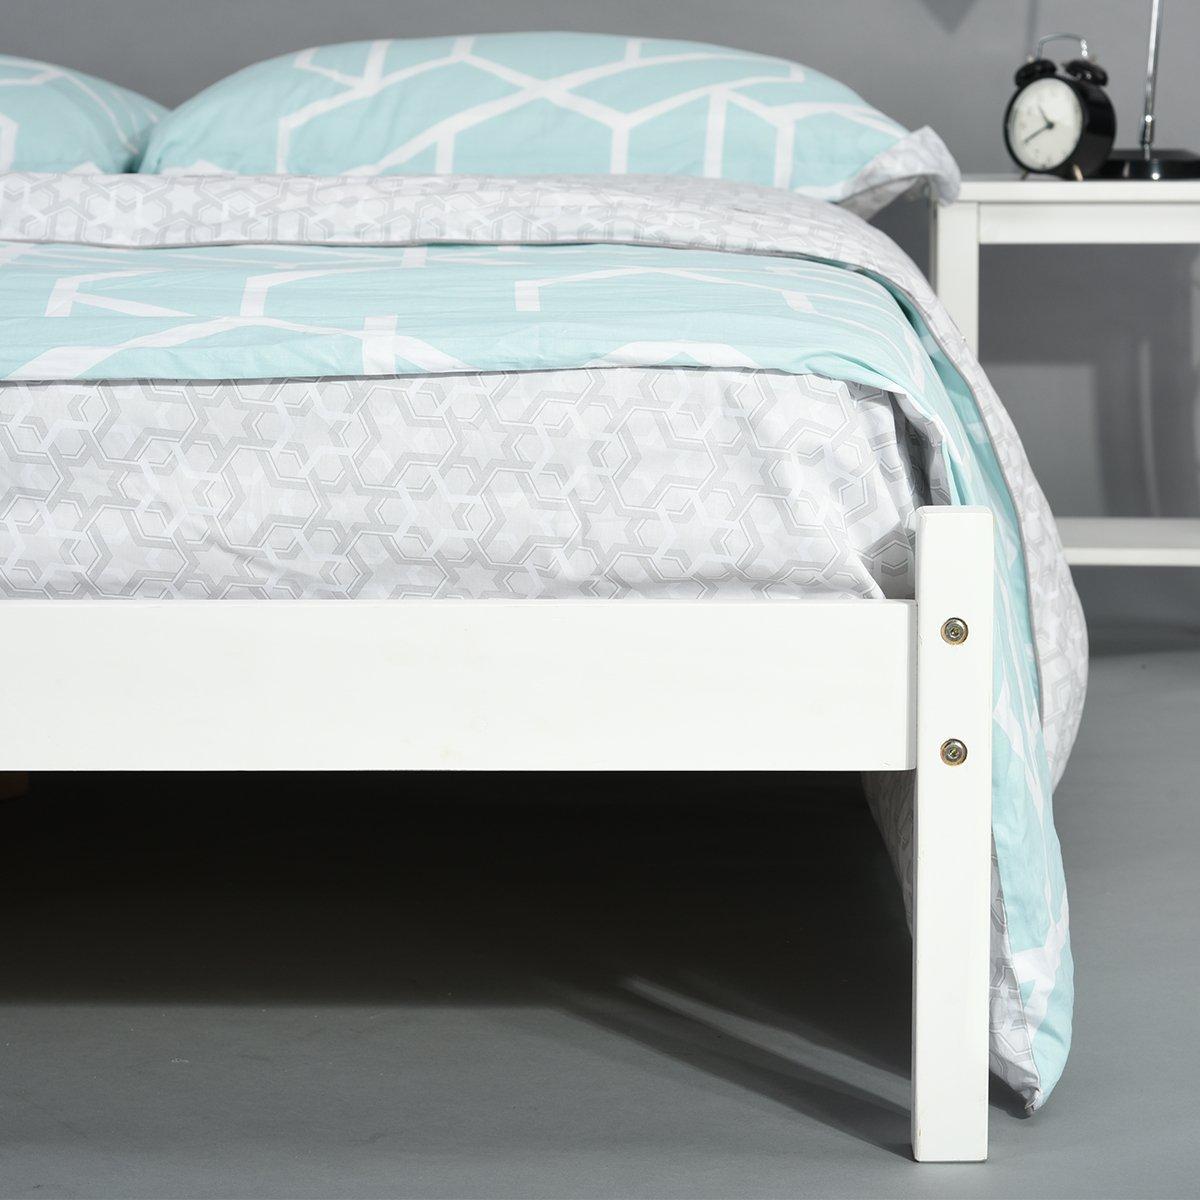 Innovareds natur robust massiv kiefernholz 4 ft6 queen bed side bed frame wei/ß